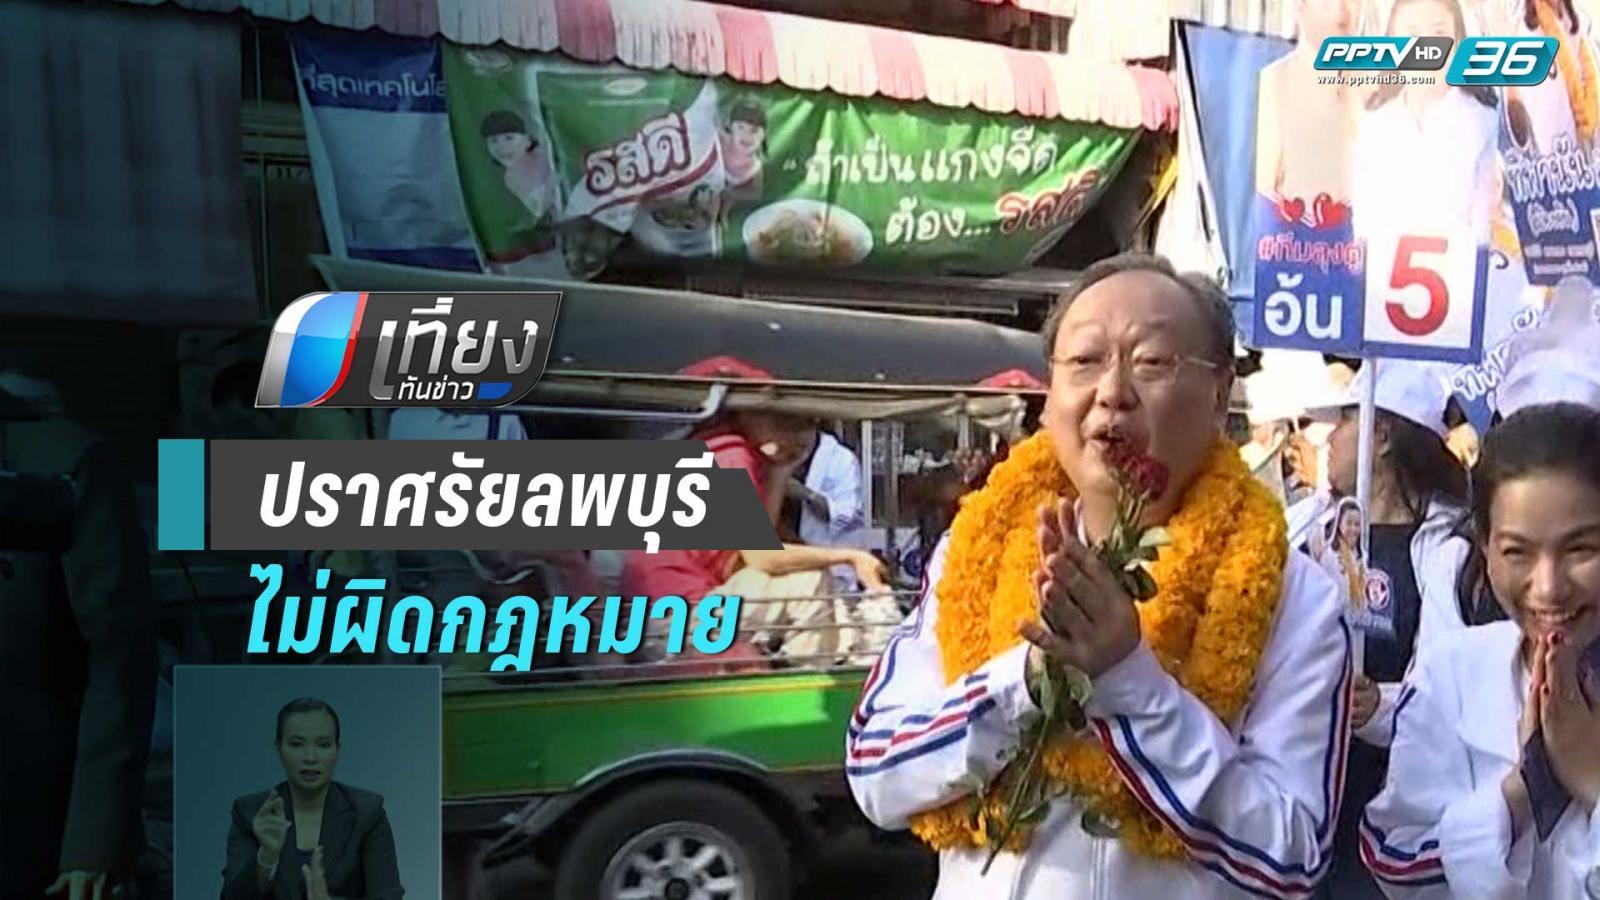 พปชร. เชื่อปราศรัยลพบุรี ไม่ผิดกฎหมาย